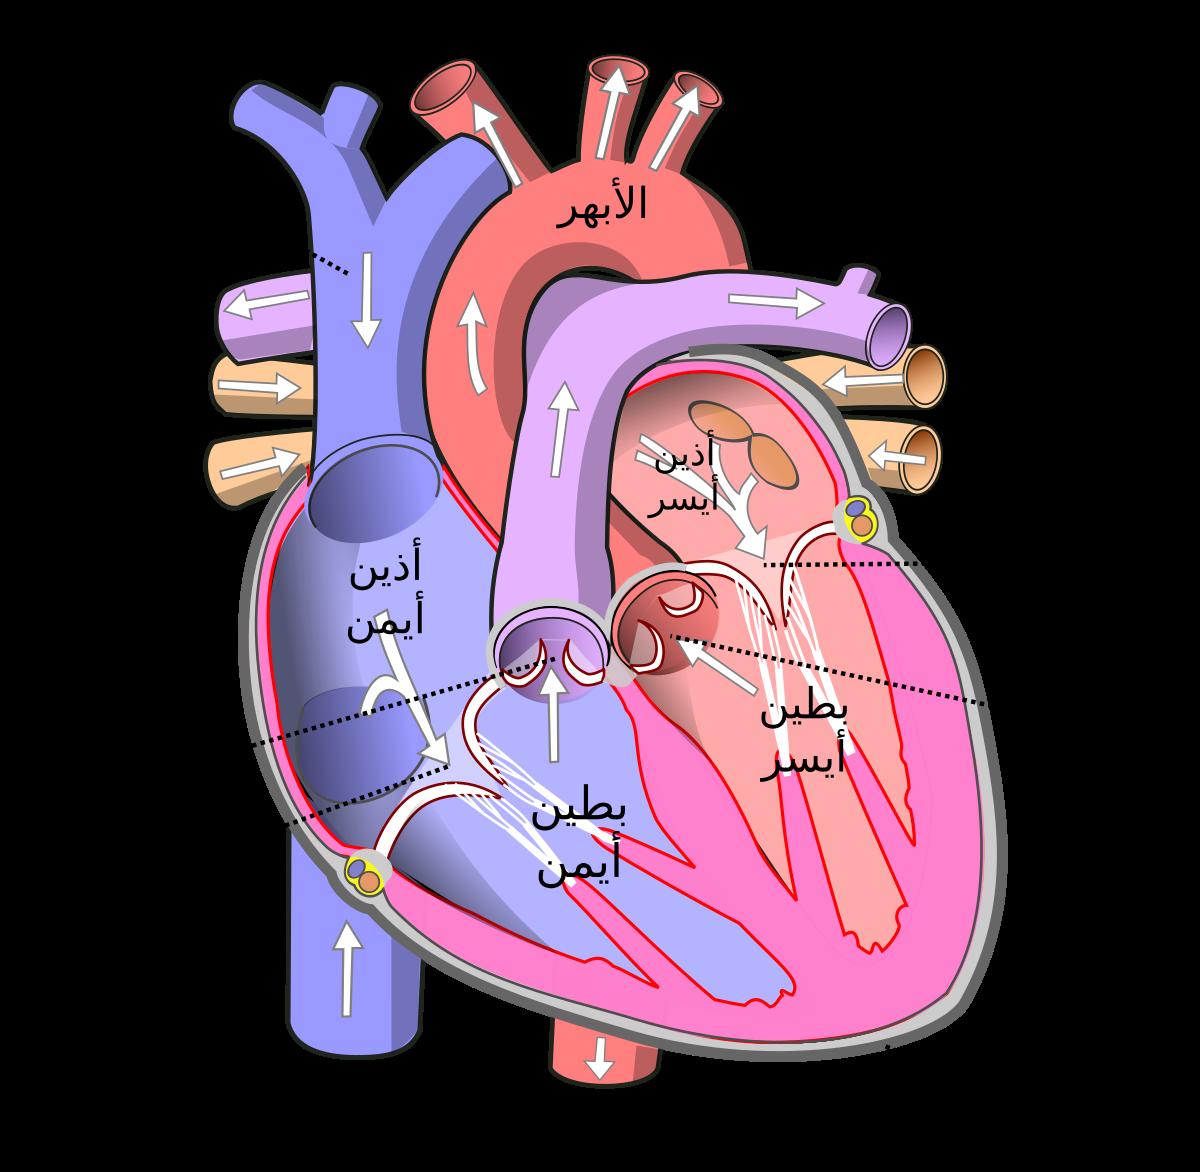 صورة صور قلب الانسان , تعربف قلب الانسان بطريقة علمية